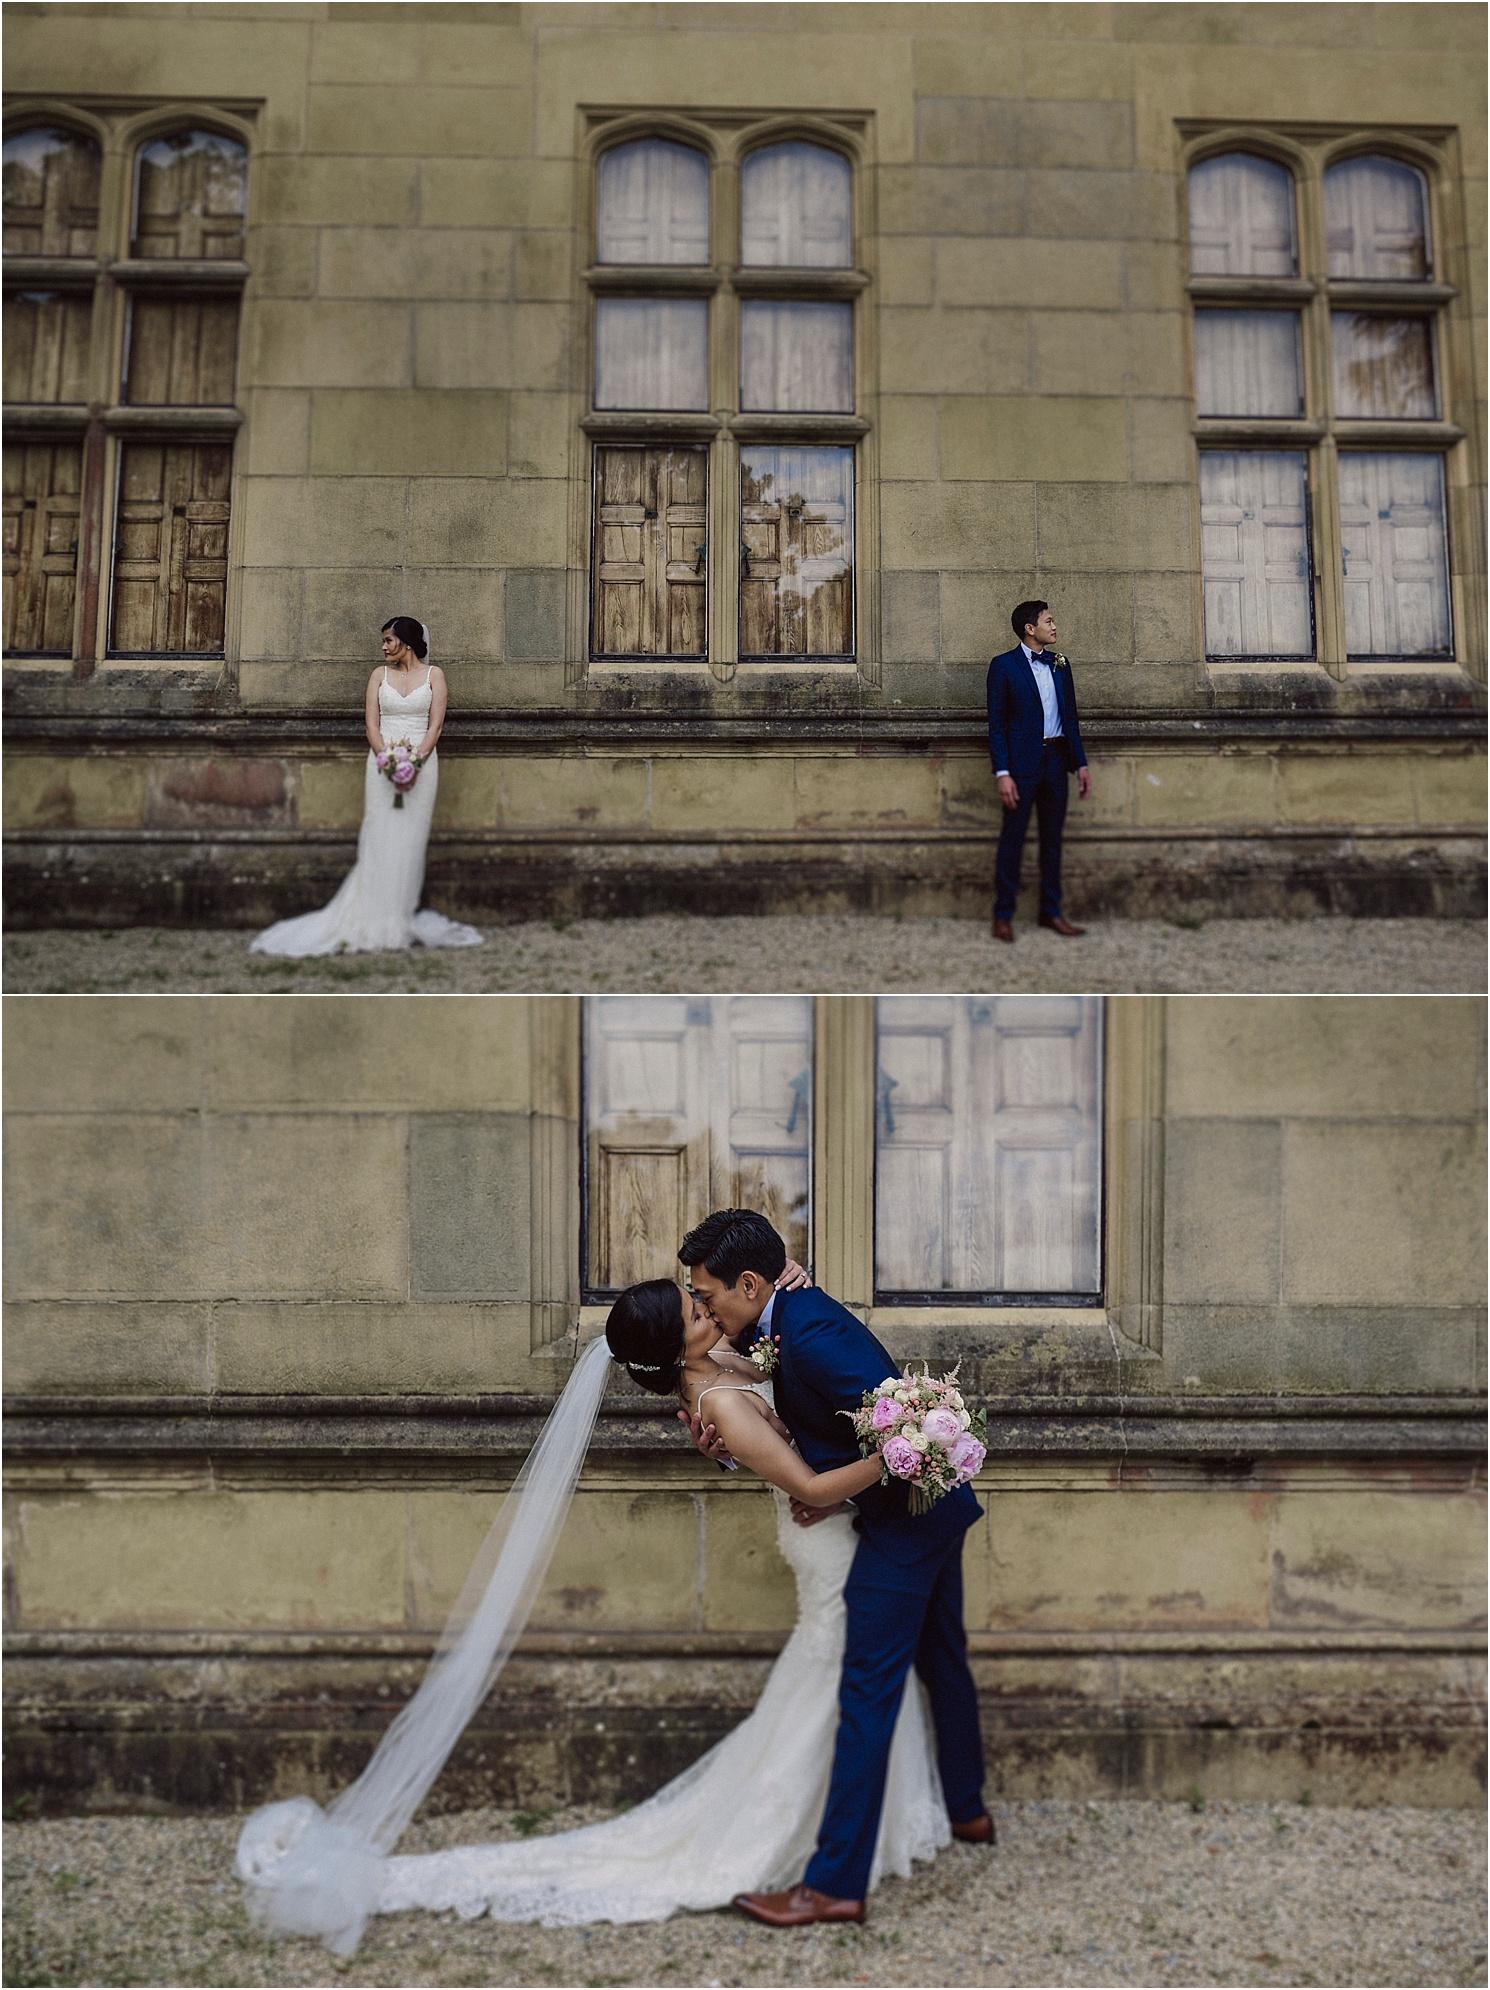 Destination wedding photographer San Sebastian - Destiantion wedding Donostia San Sebastián - Best photographer Basque country_-56